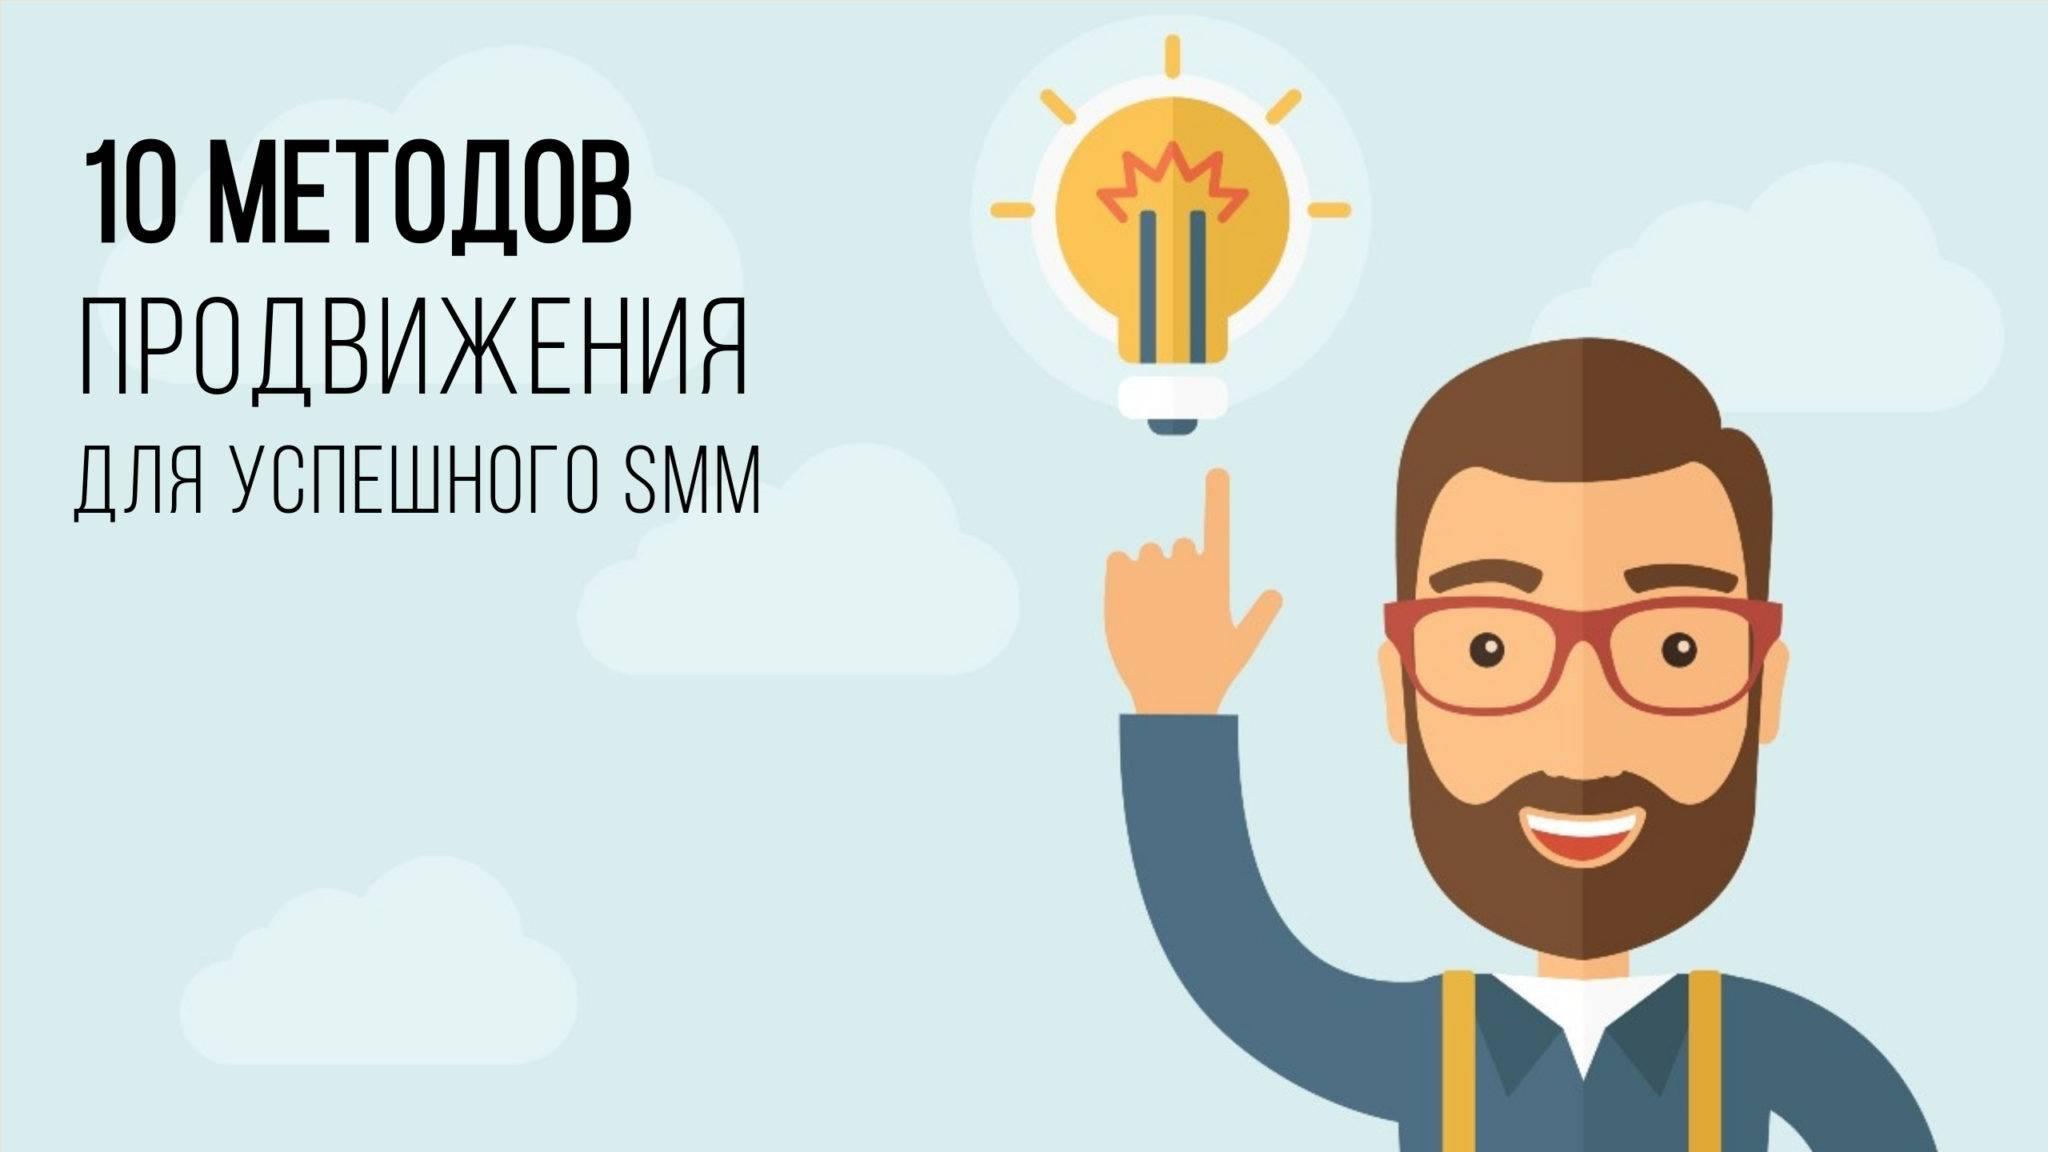 Smm-продвижение: что это такое и как работает | calltouch.блог